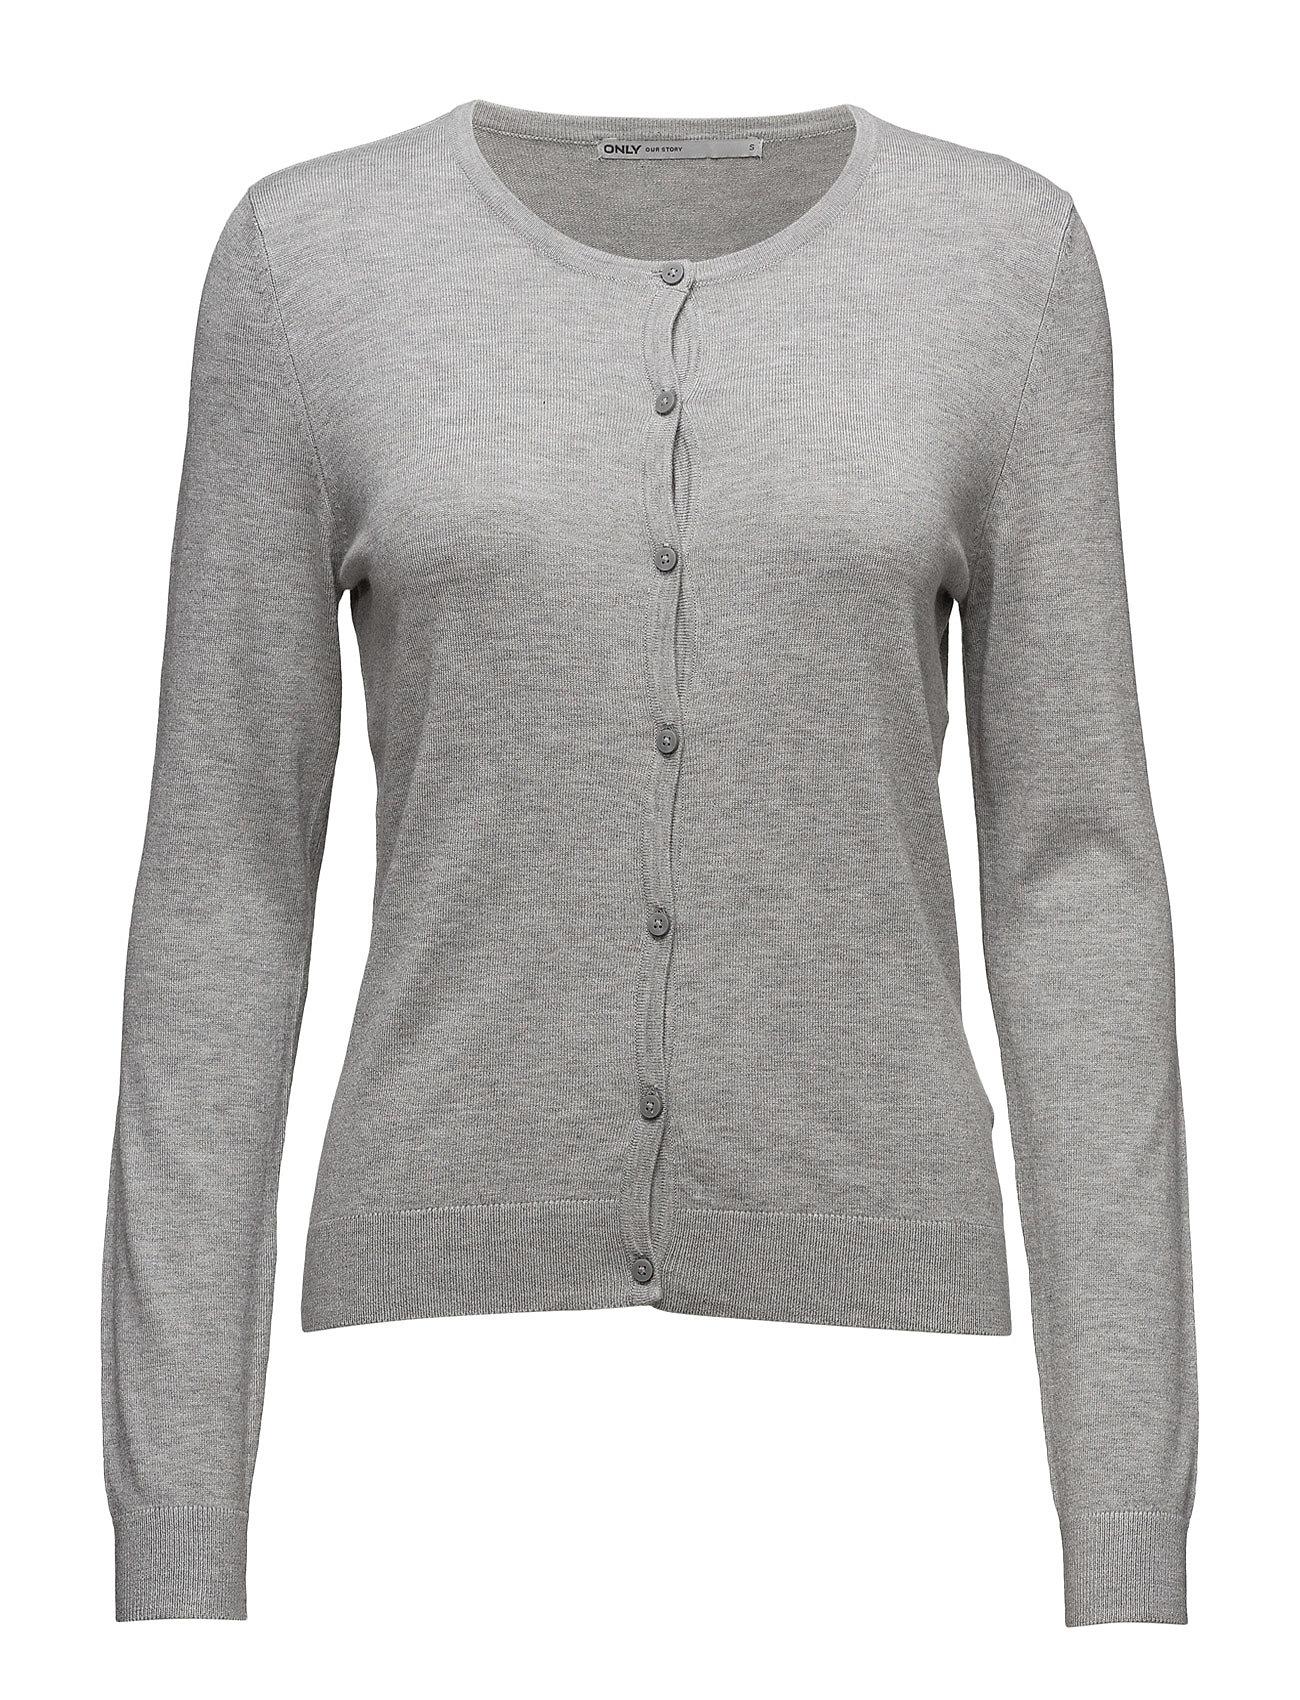 Onlbella L/S Button Cardigan Knt Noos ONLY Striktøj til Kvinder i Light Grey Melange